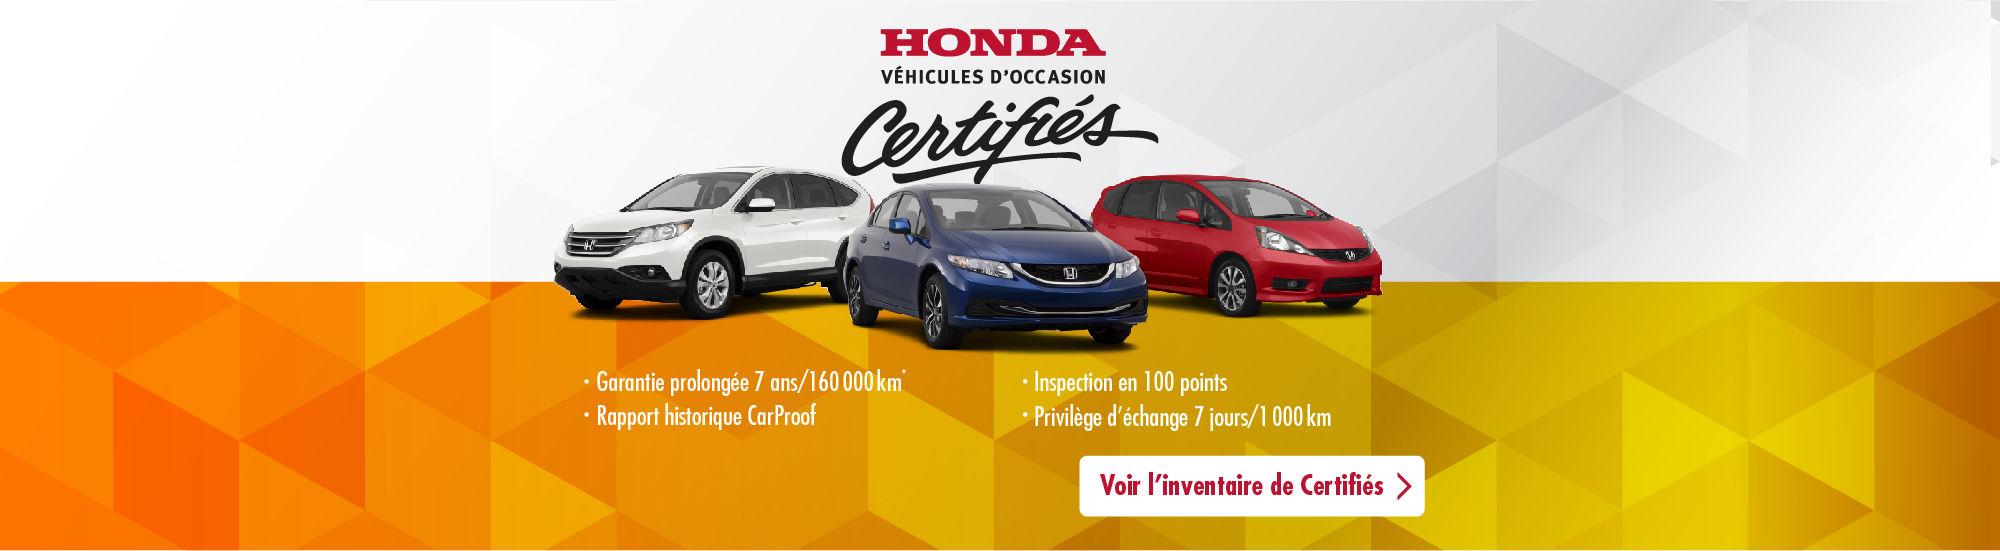 Inventaire Honda Certifiés